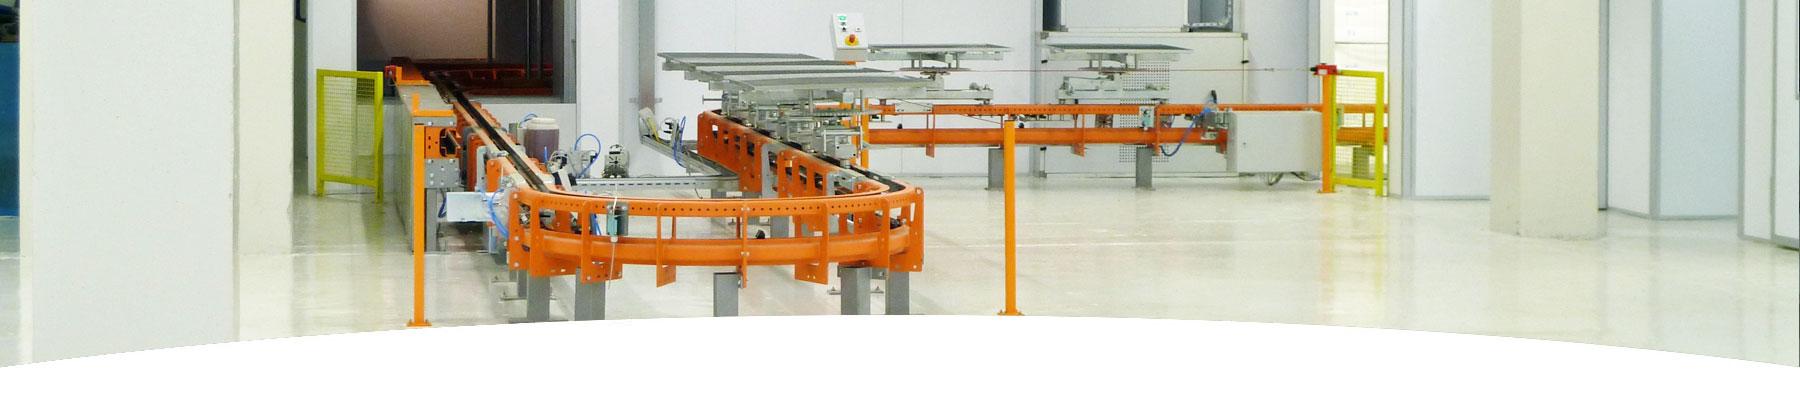 conveyorised-spraybooths-industrial